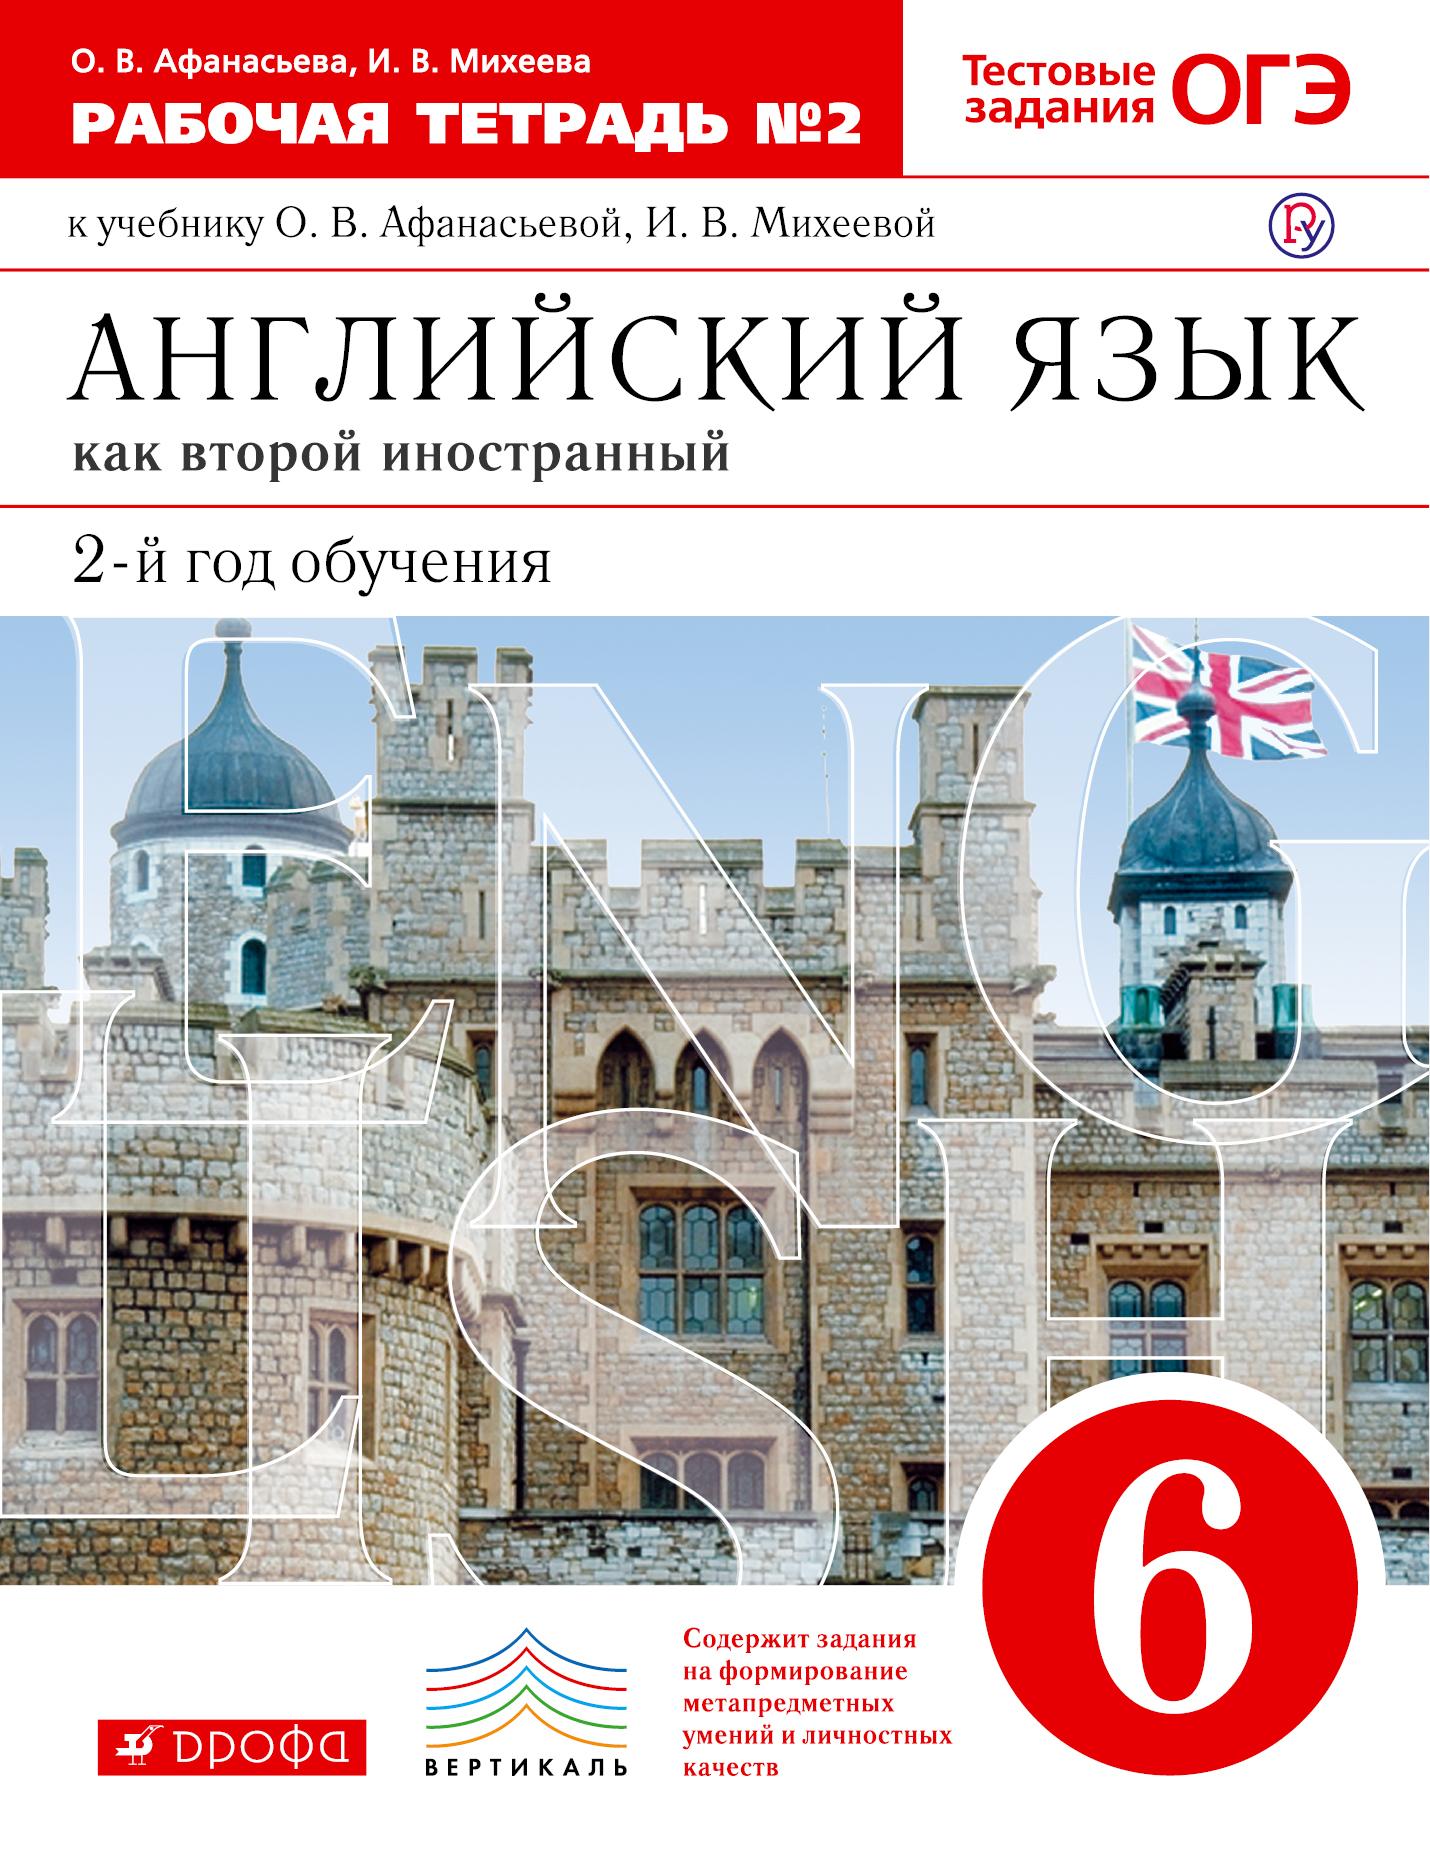 Бесплатное гдз по английскому-афанасьева.михеева 6 класс